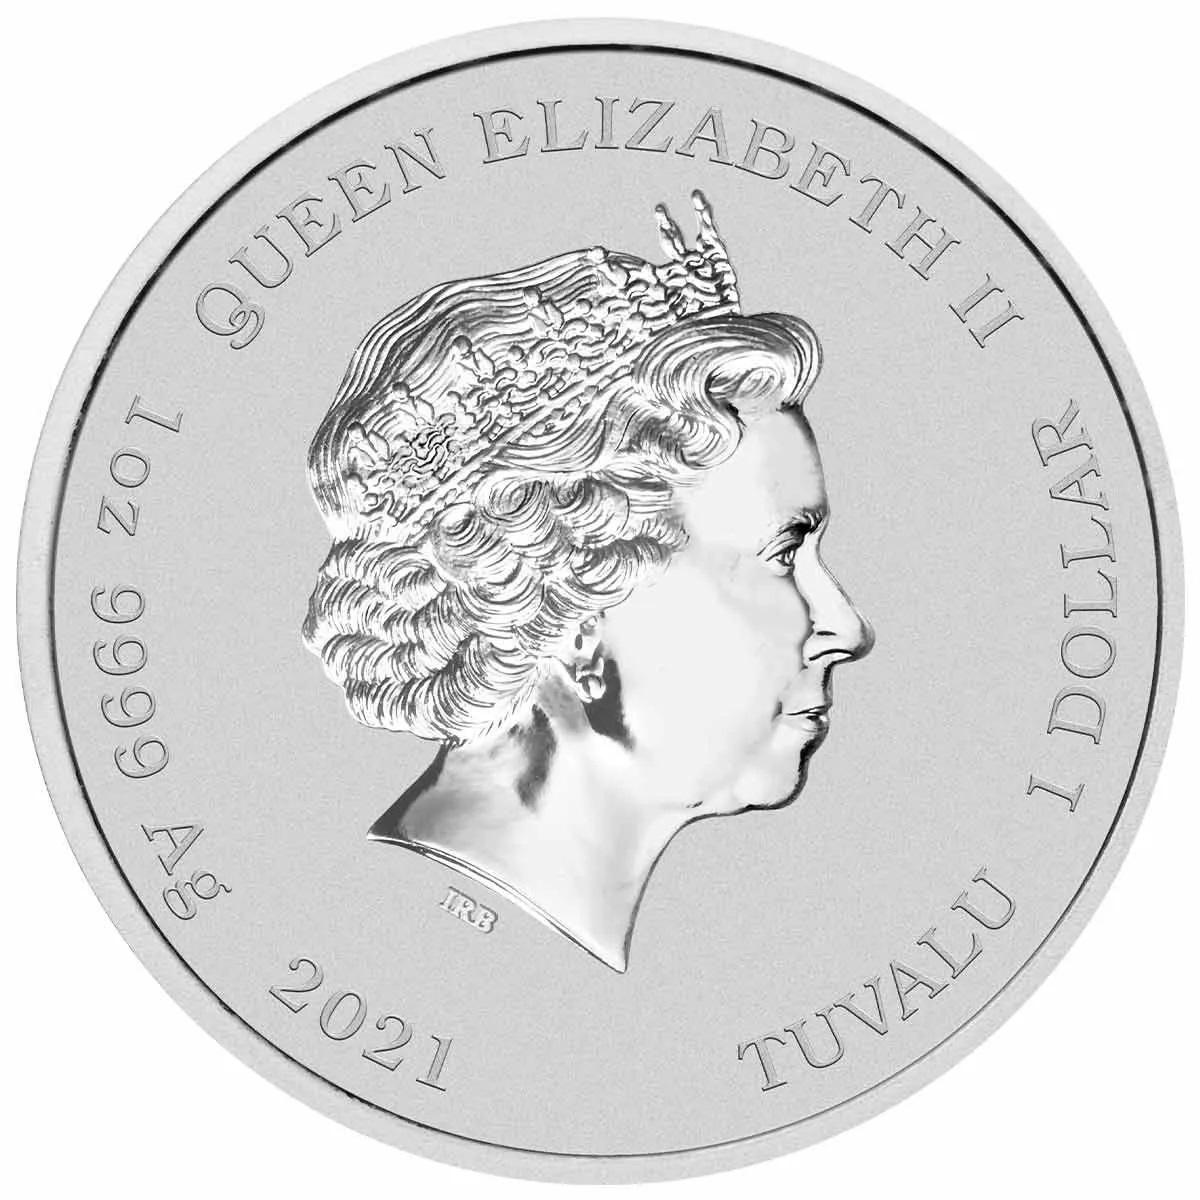 Тувалу монета 1 доллар Семьи Симпсонов, аверс